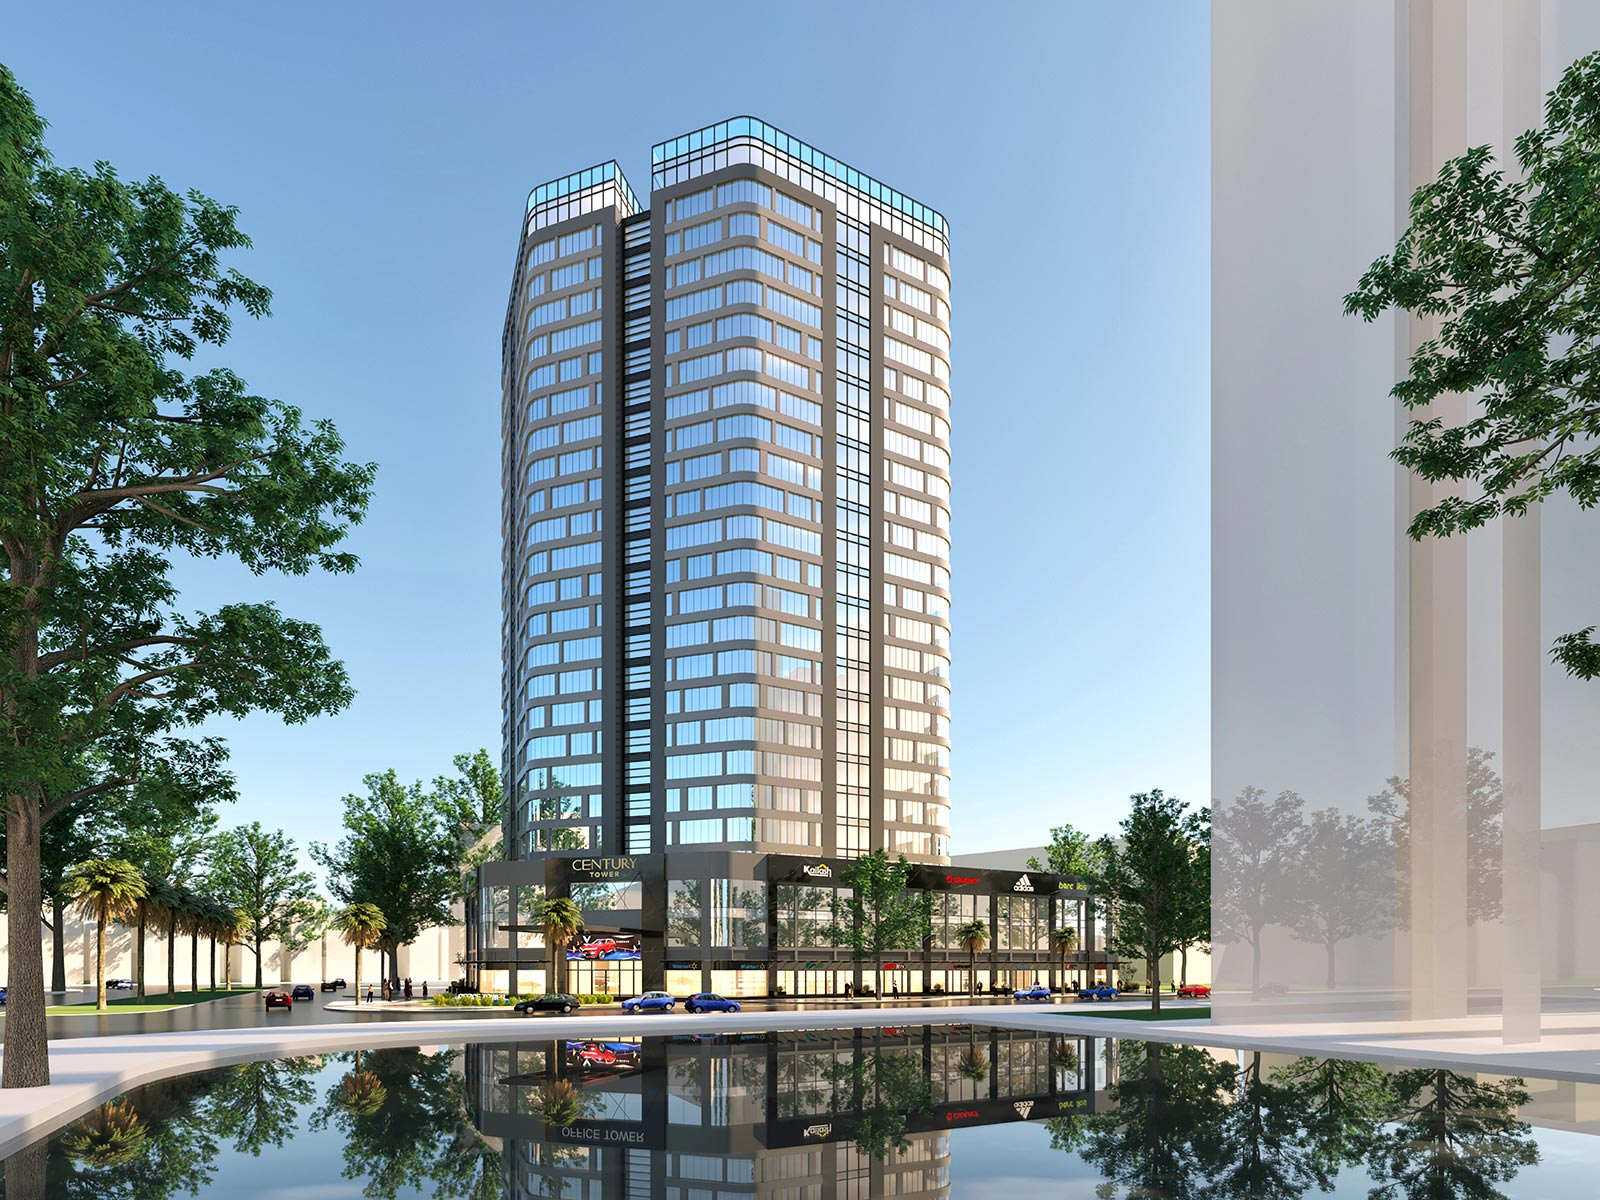 Vinhomes Ocean Park và Ecopark chiếm lĩnh nguồn cung căn hộ khu Đông Hà Nội - Ảnh 2.